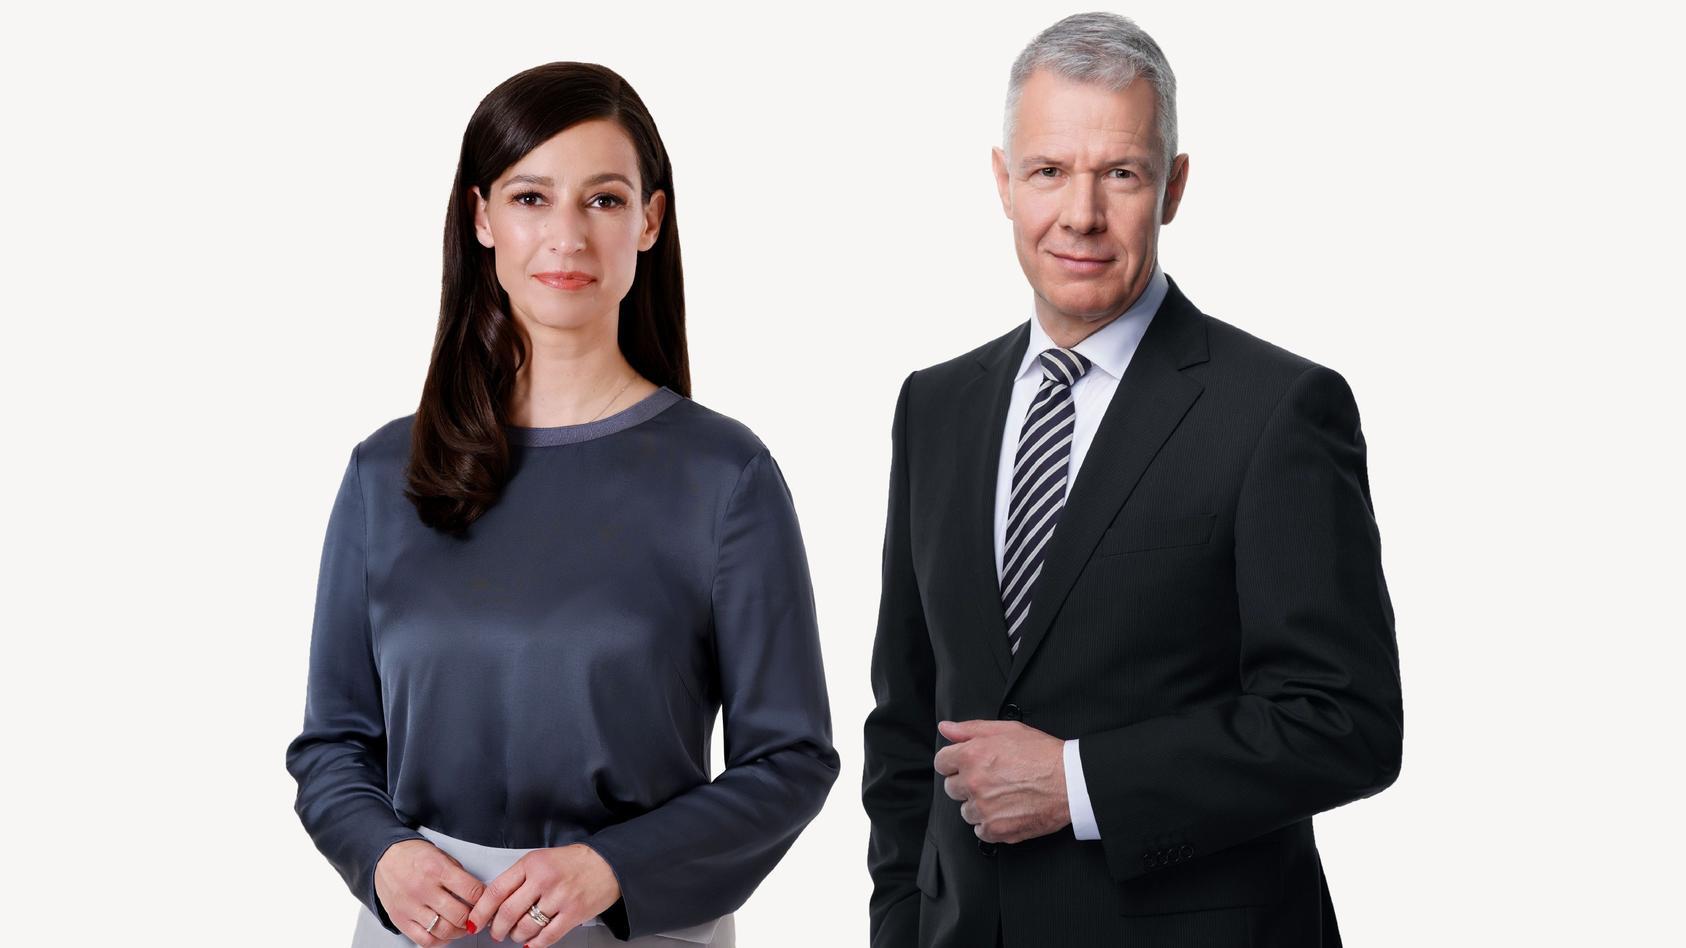 Pinar Atalay wechselt von der ARD exklusiv zu RTL. Gemeinsam mit Peter Kloeppel wird sie unter anderem das Wahl-Triell moderieren.